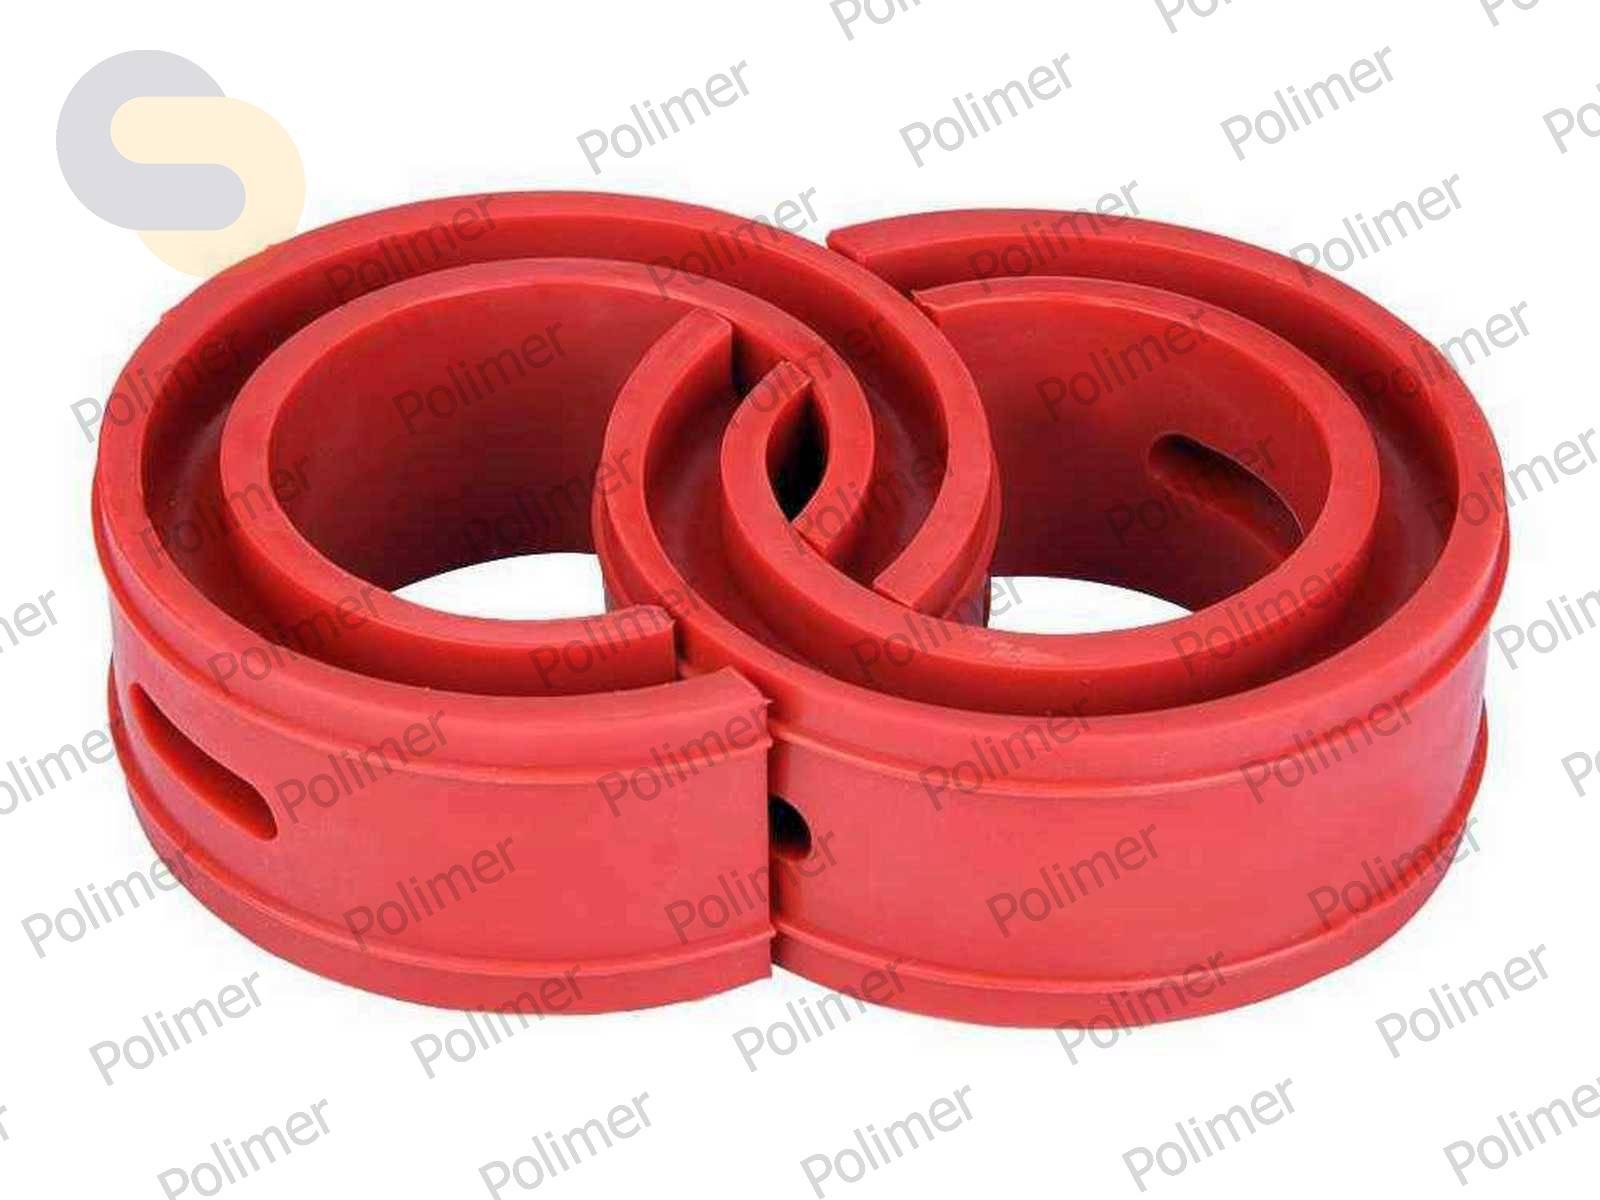 http://polimer-nsk.ru/web/pkl/Size-E-RED.jpg